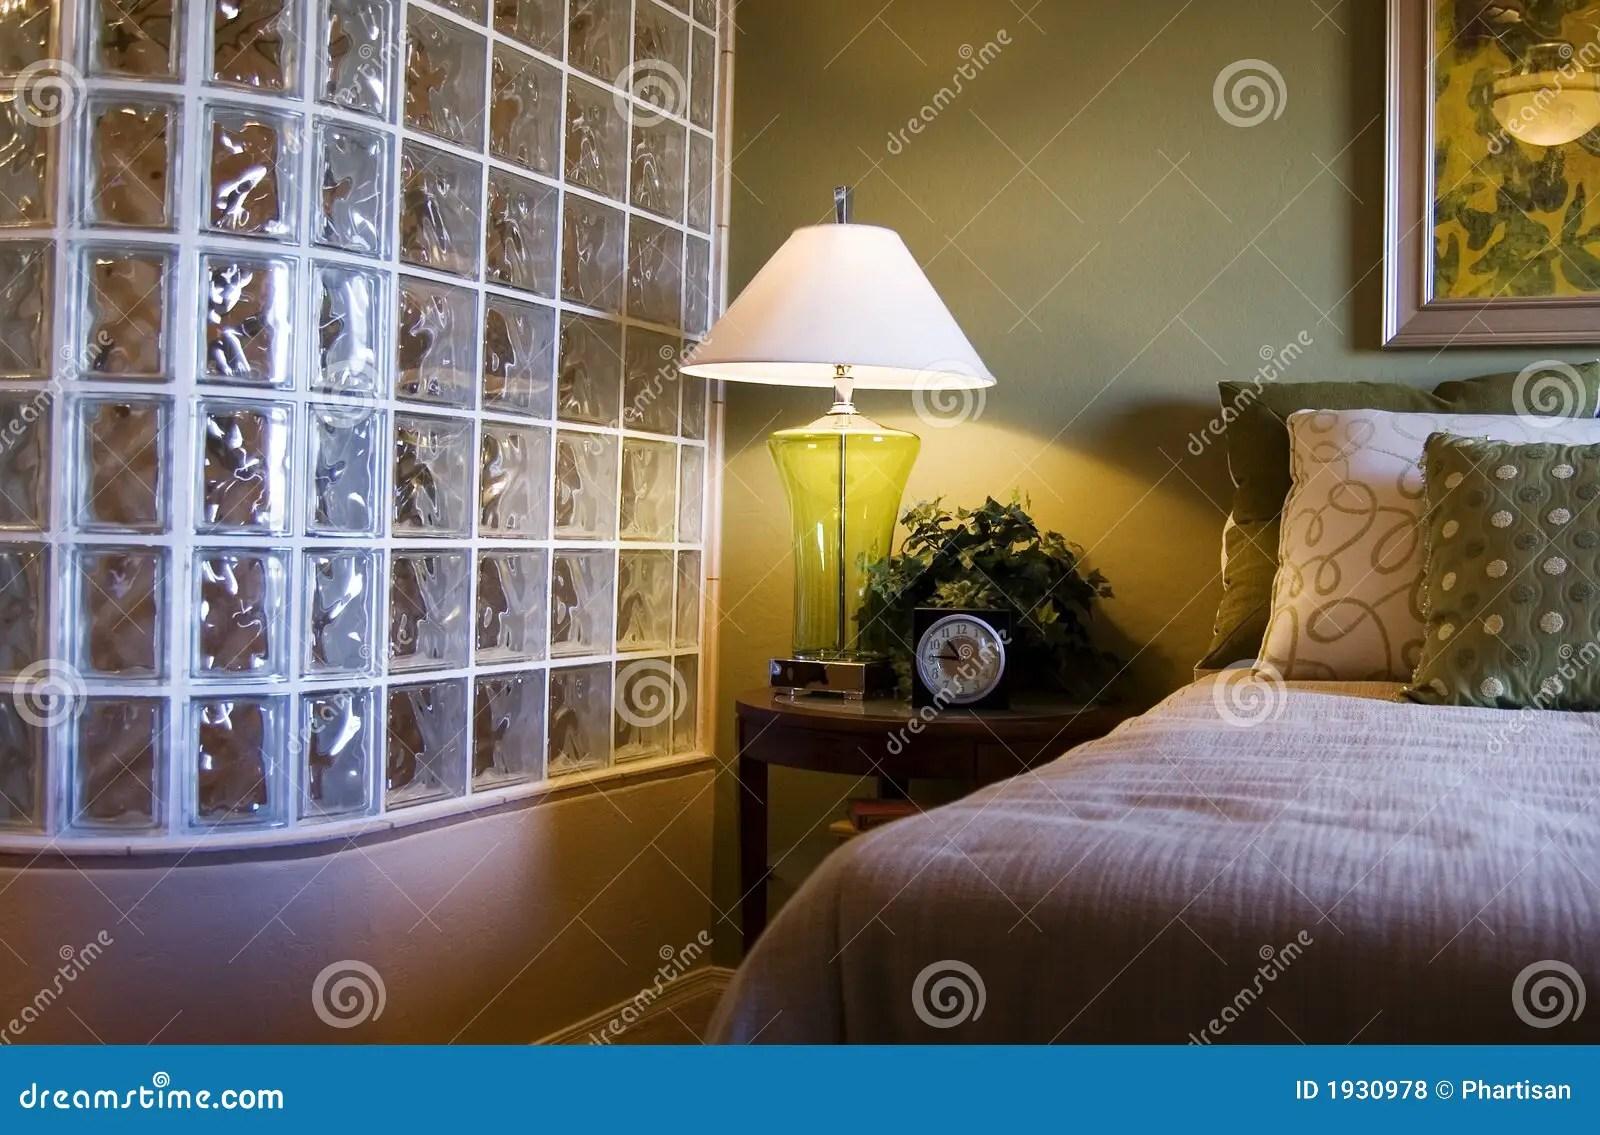 Camera Da Letto Stile Anni 50 : Camera da letto anni camera da pranzo anni stile